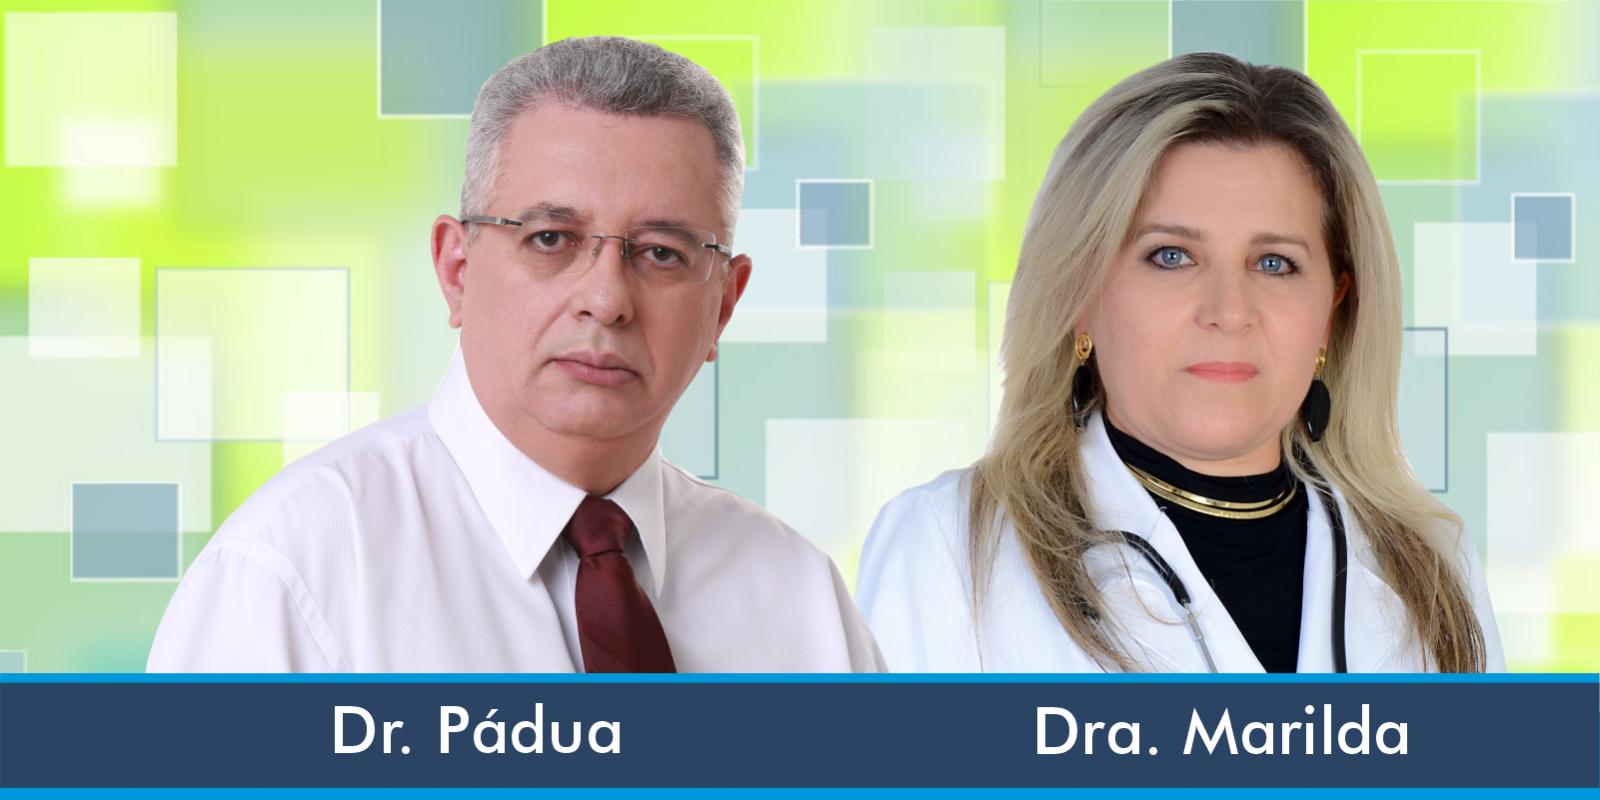 Centro de Olhos Dr. Pádua